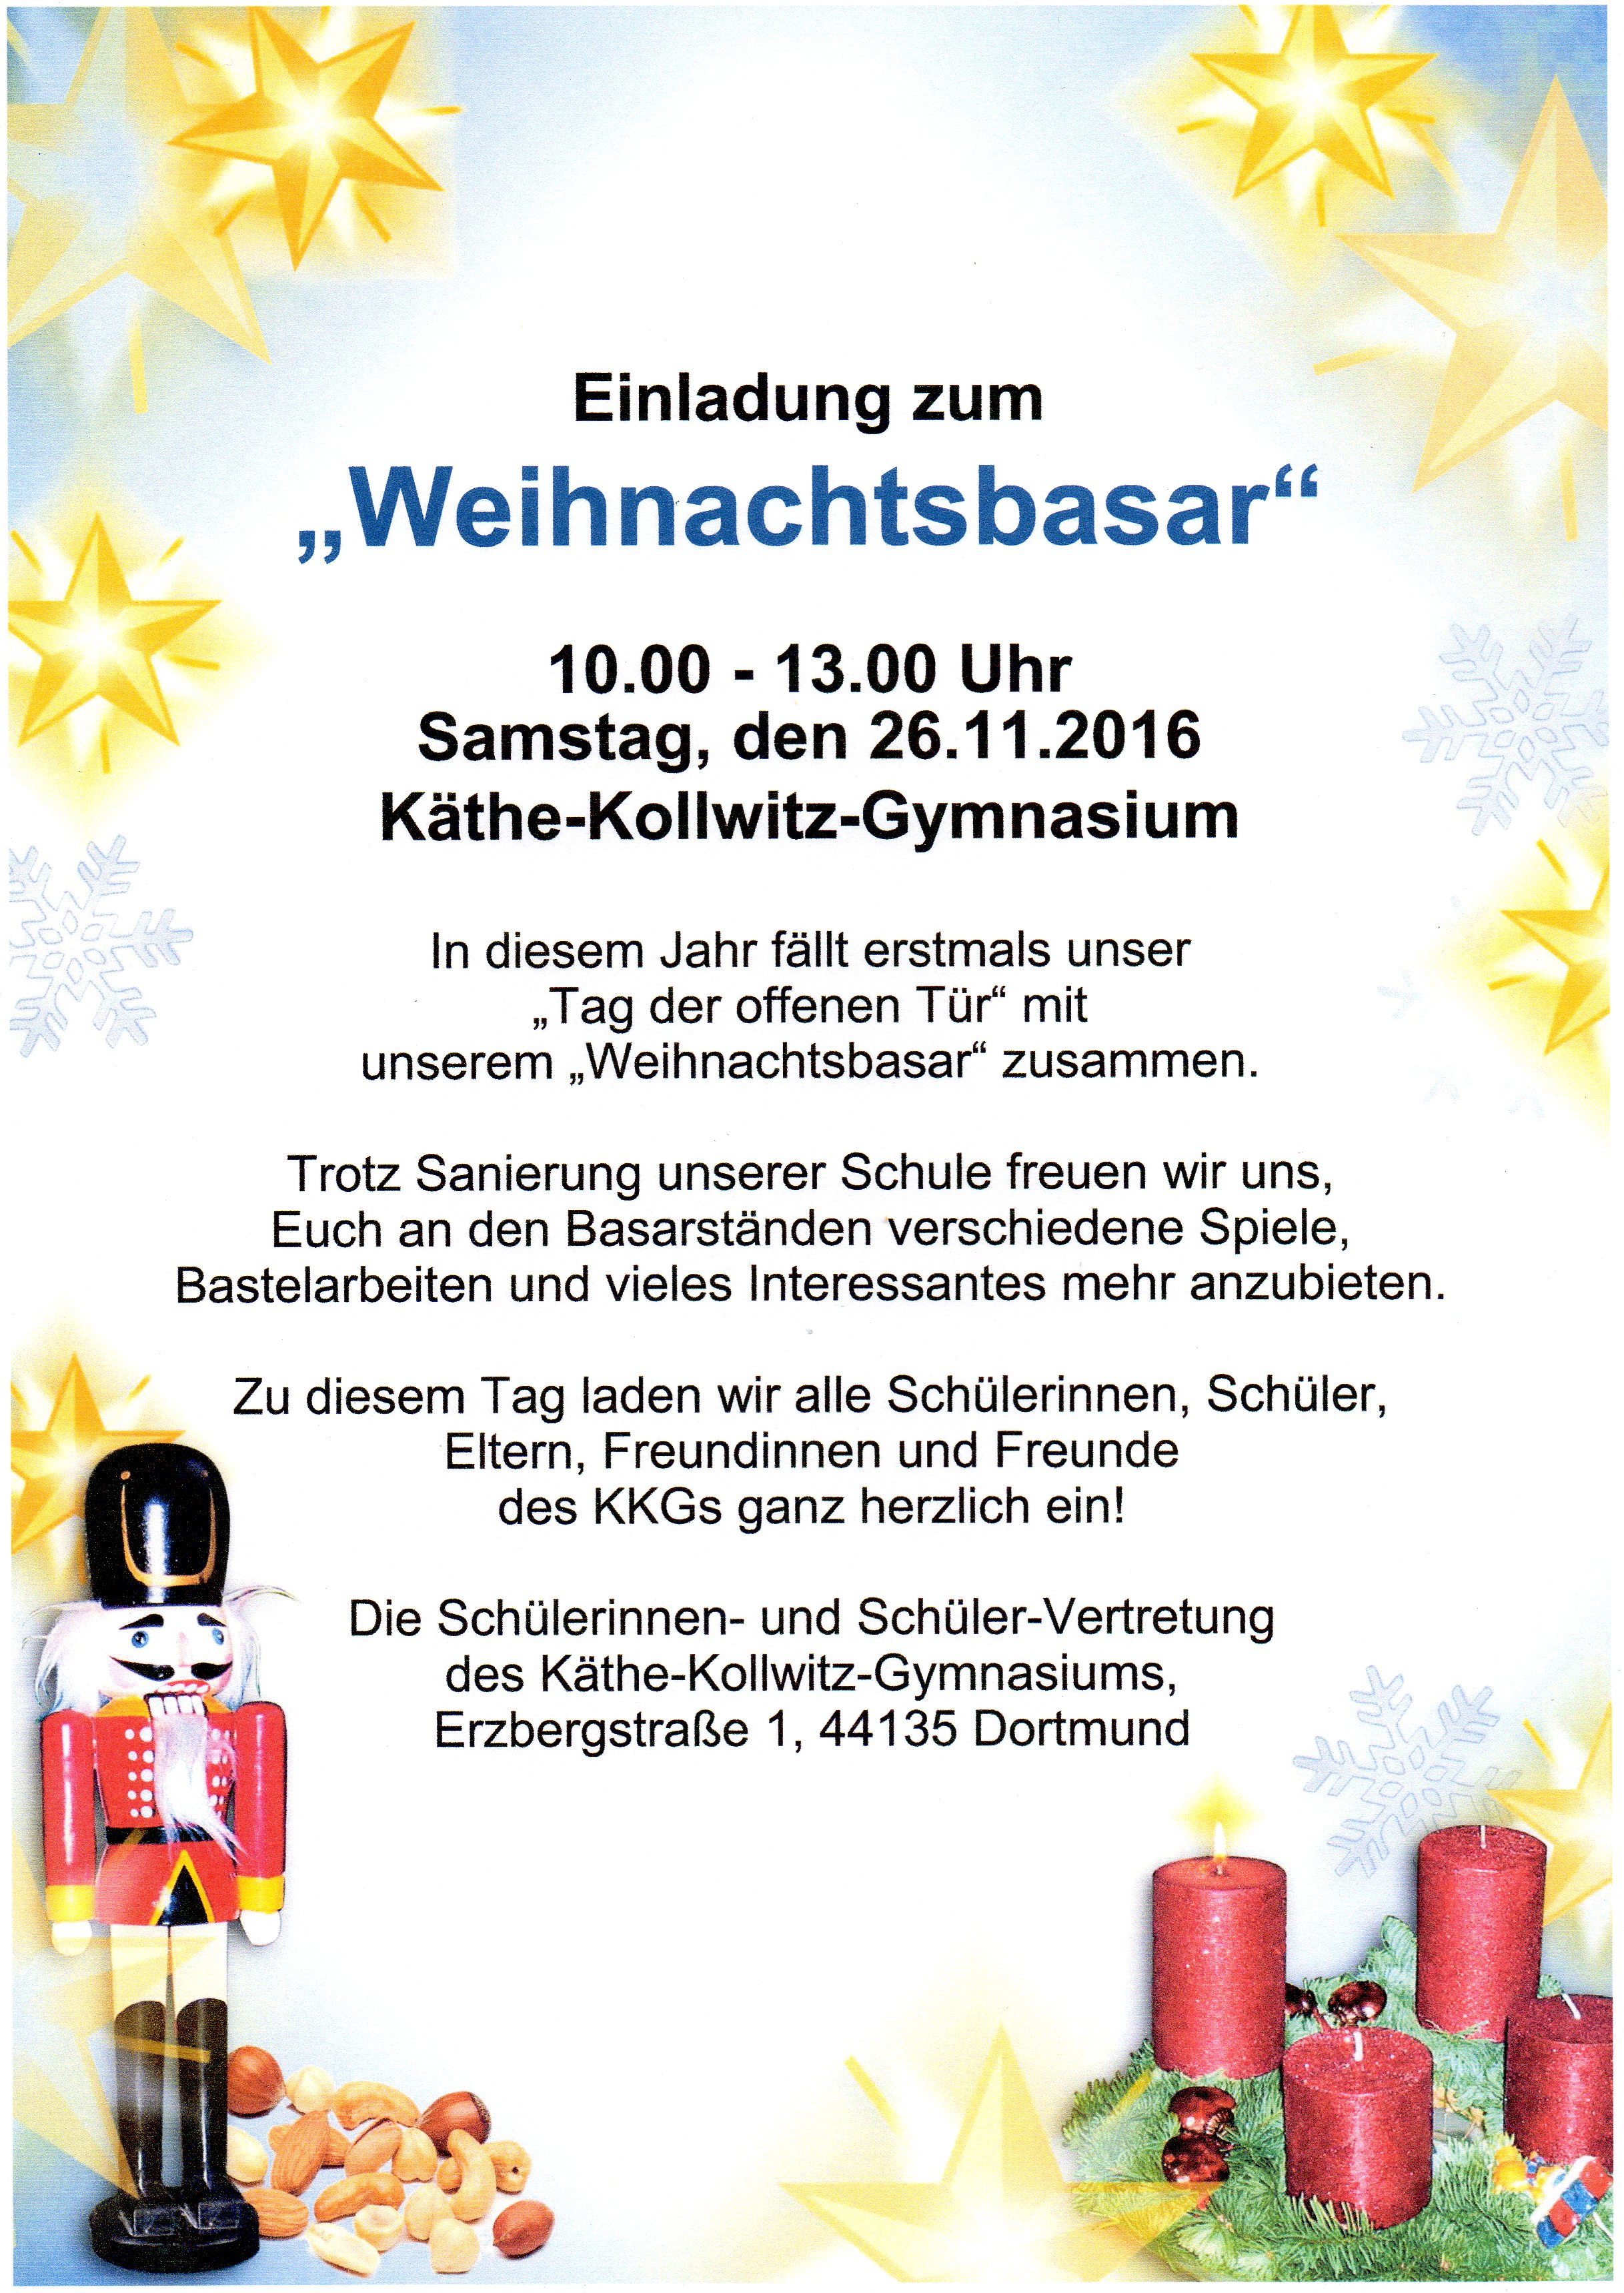 """Weihnachtsbasar und """"Tag der offenen Tür"""" im Käthe-Kollwitz-Gymnasium"""